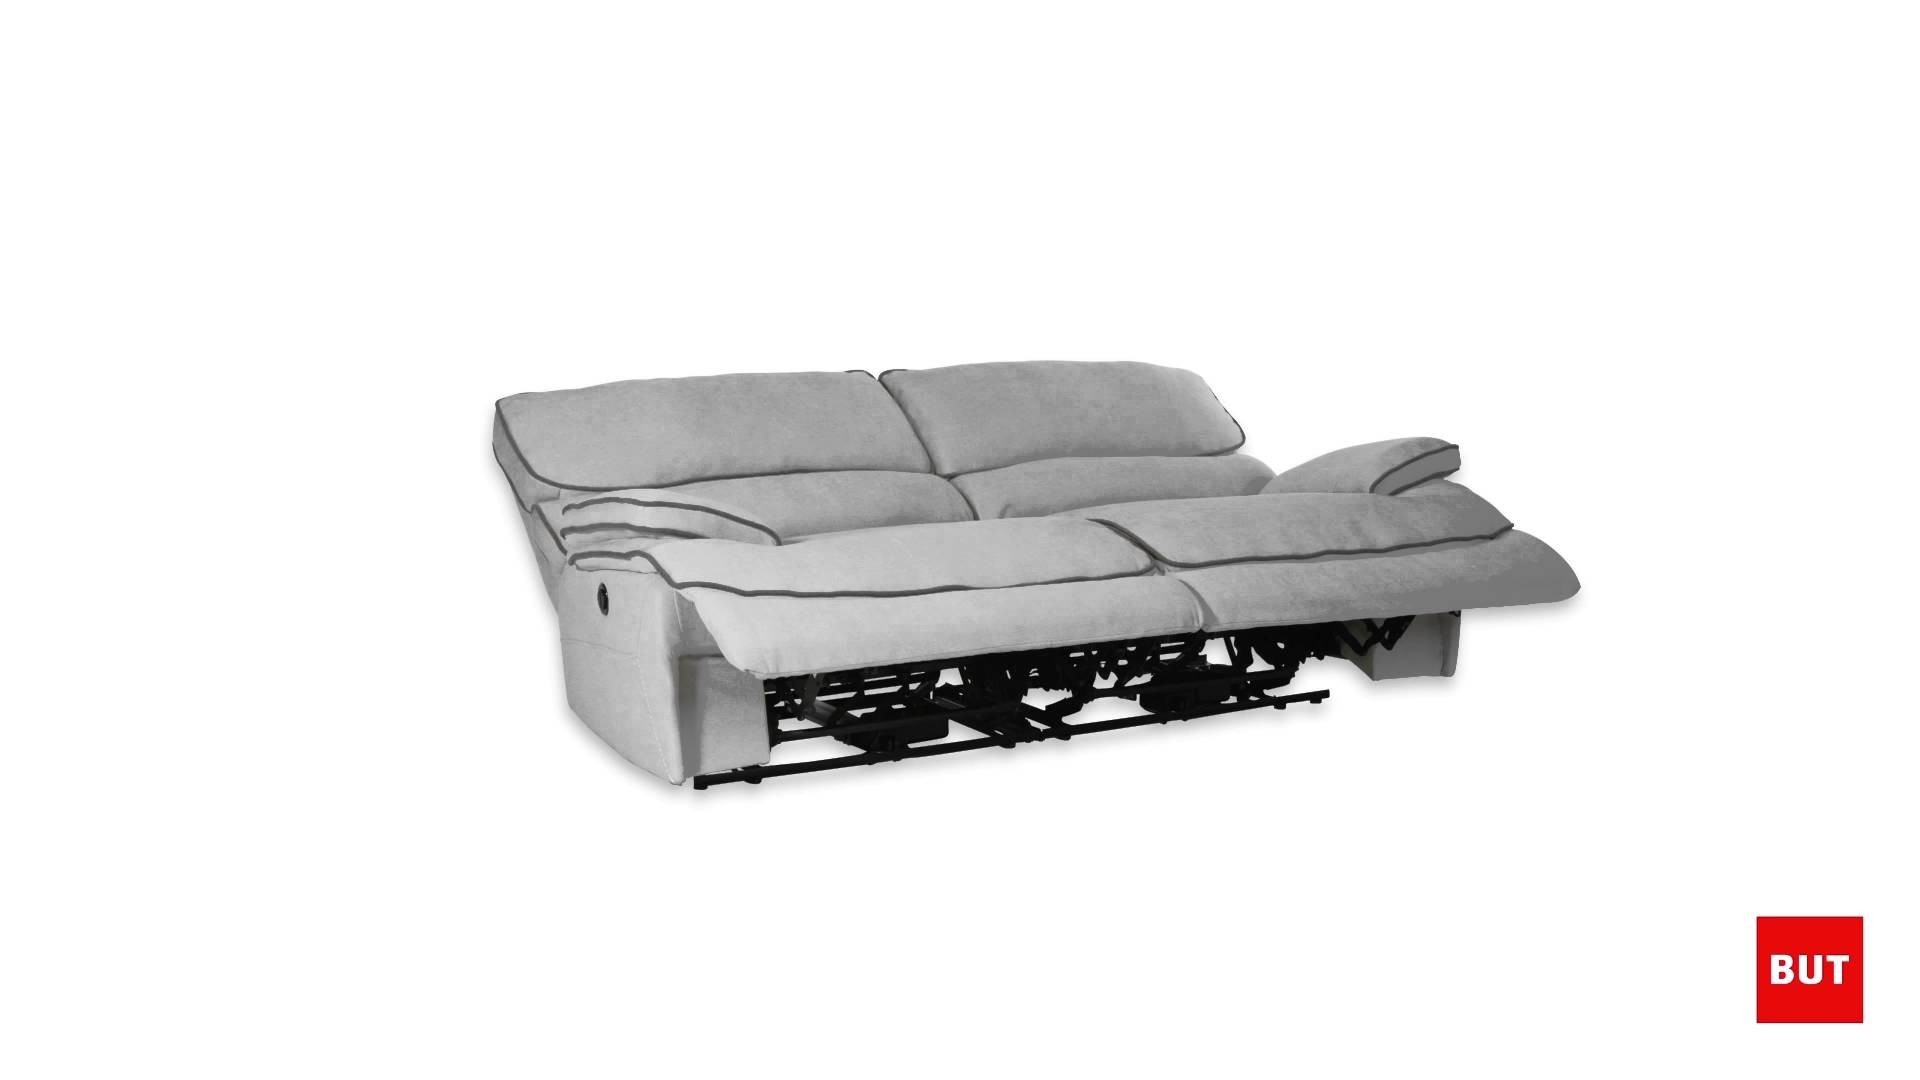 Canapé Convertible Ikea Occasion Élégant Photographie Lit Armoire Canapé Beautiful Canap En U Convertible 12 Full Canape D